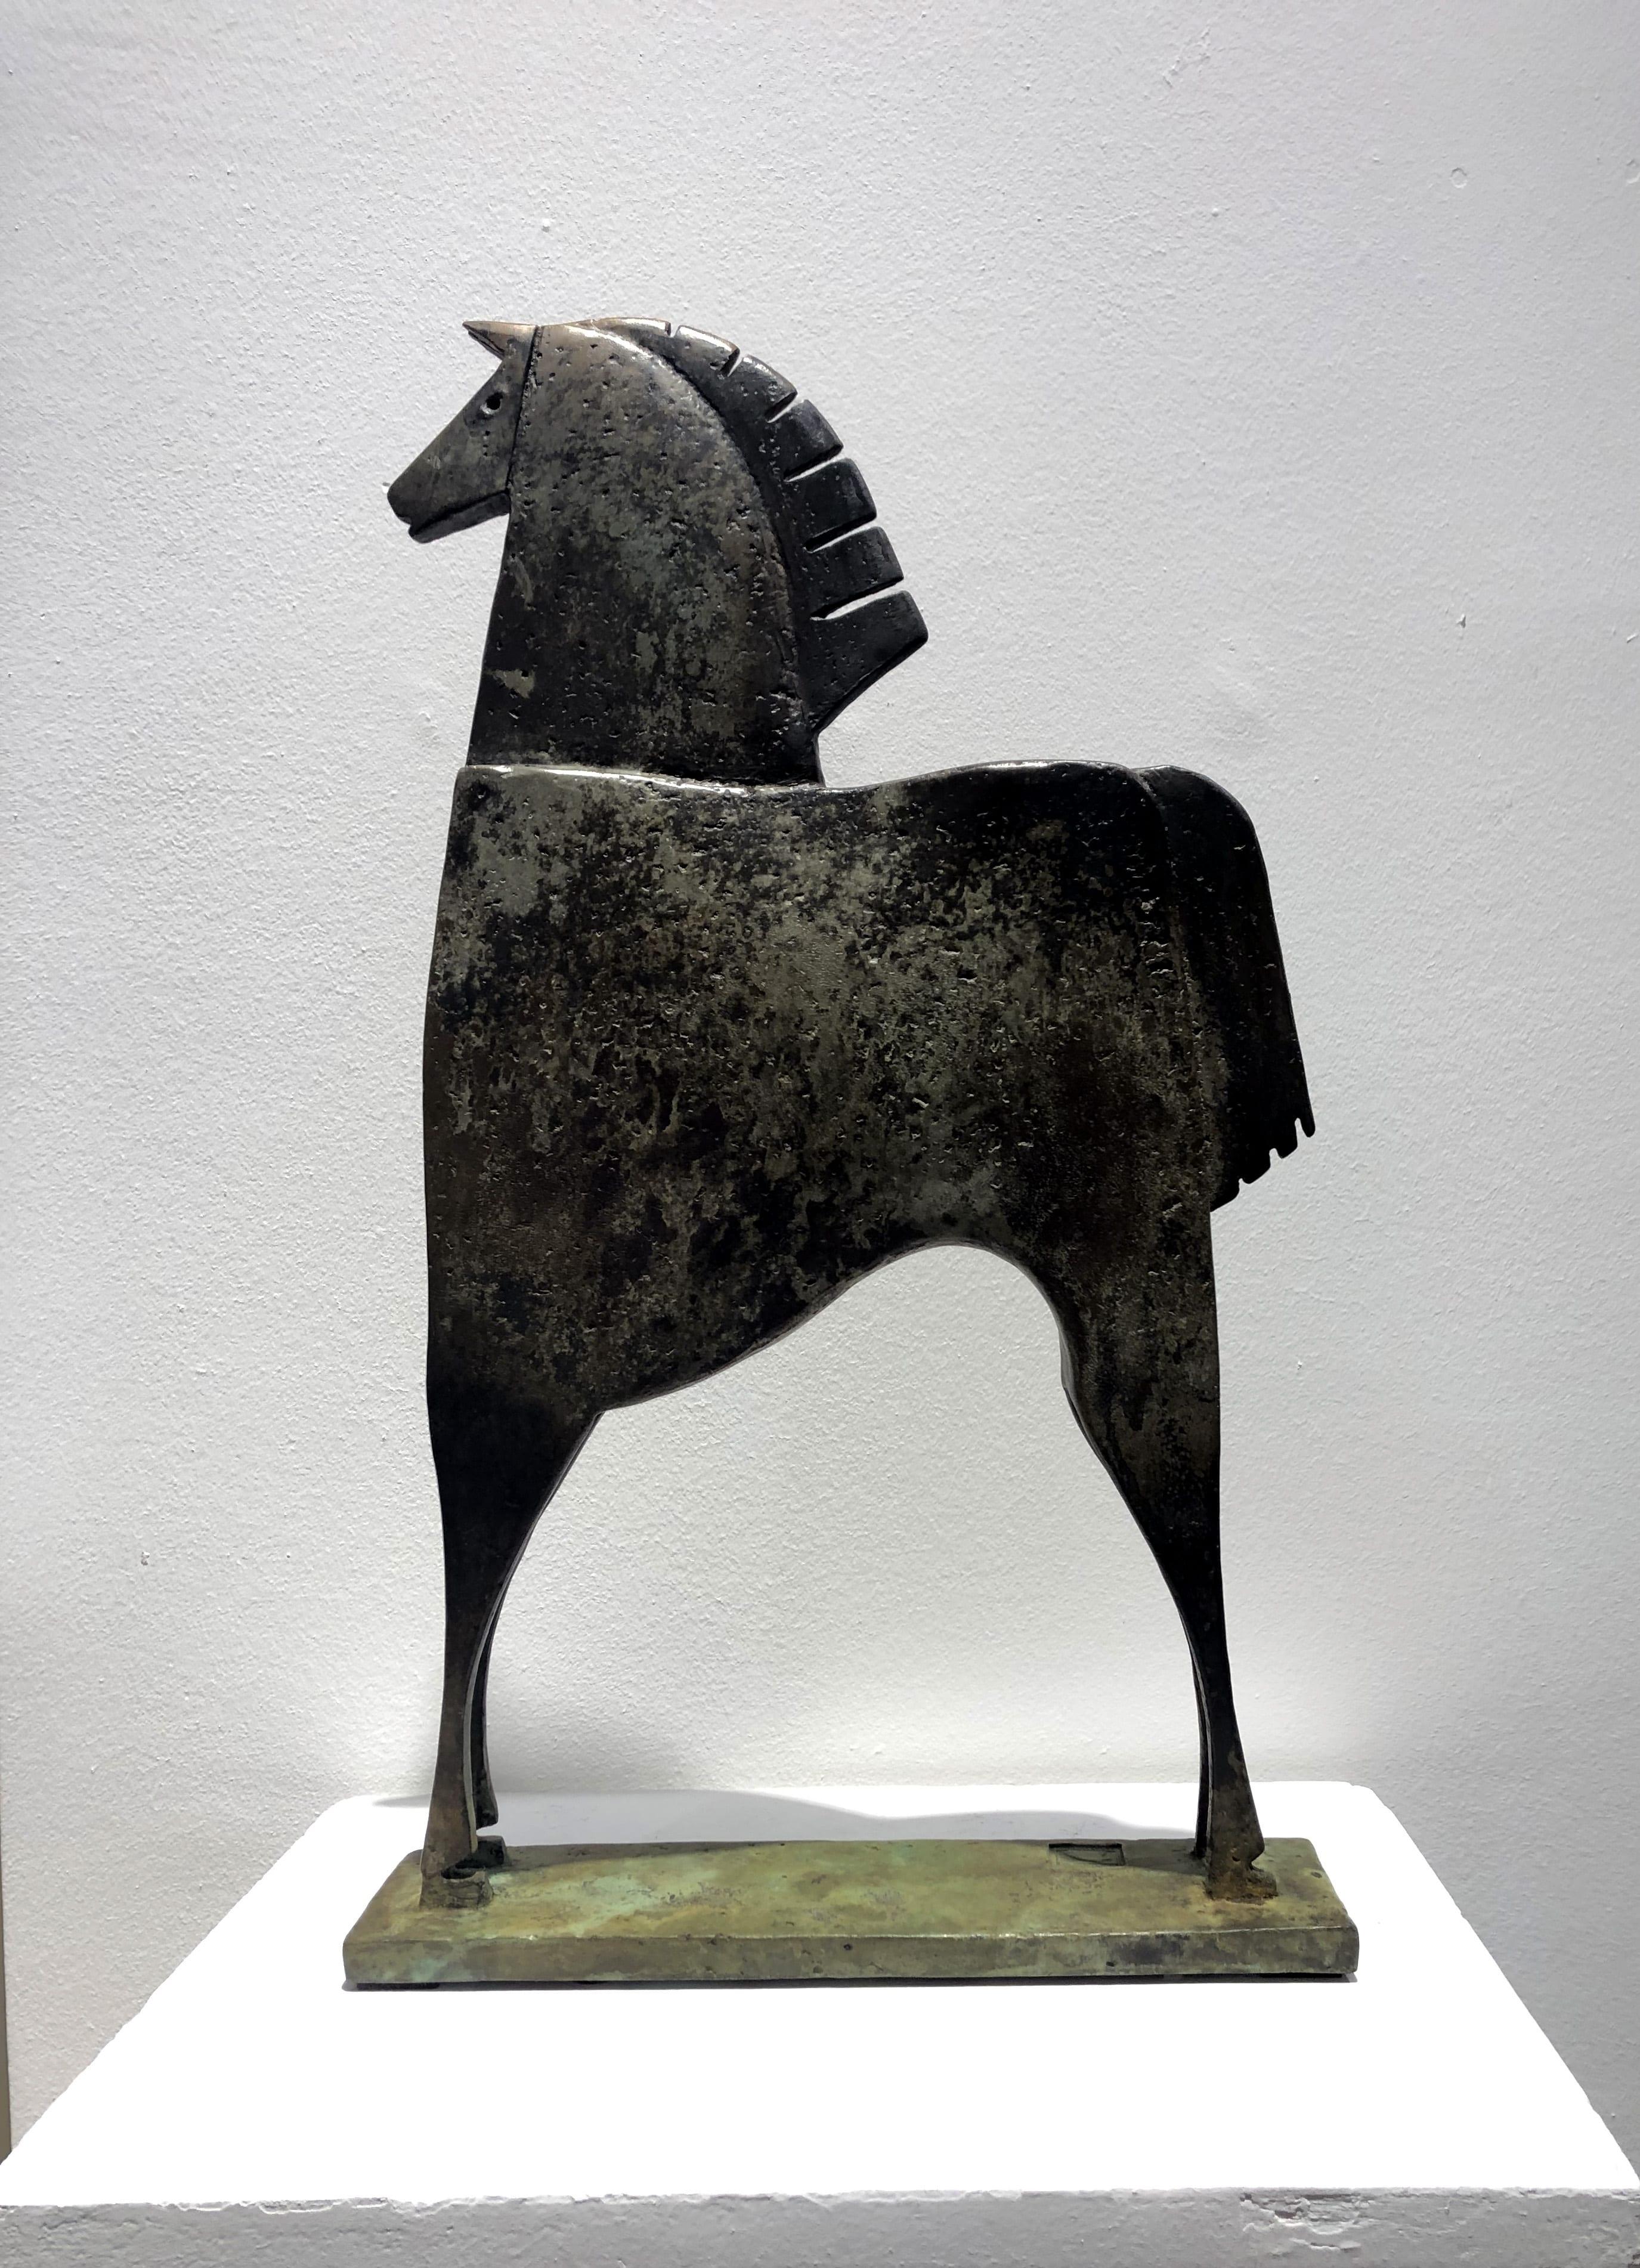 CABALLO AGAMENON Bronze 51x30x7,9cm / 20x11,8x3 inches